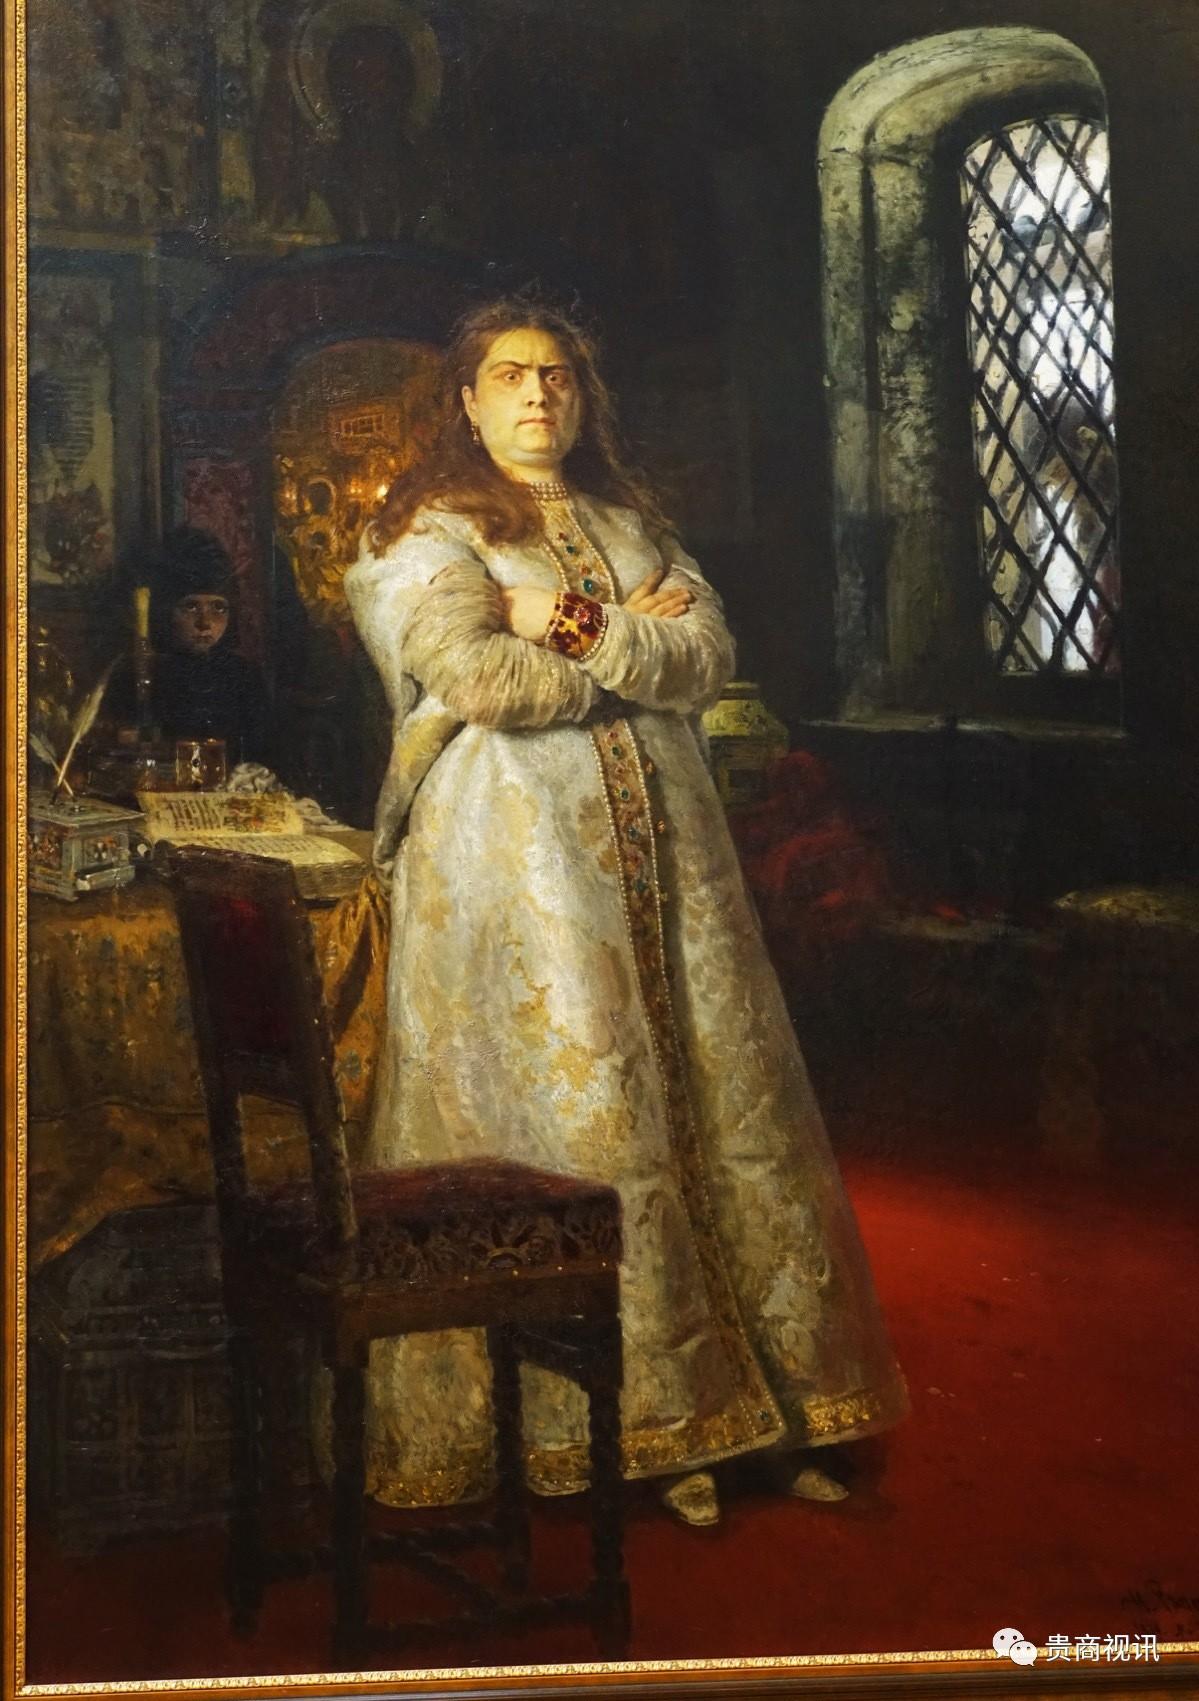 列宾的名画《索非亚公主》就精彩再现当时如笼中猛狮般愤怒的索非亚公主  《索菲亚公主》又名《1698年的索菲娅公主》,这是索菲娅公主最为人所知的一副画像,画中的她身材粗壮、满脸横肉、表情愤怒,因被弟弟彼得一世囚禁而愤怒无比却又无可奈何。评论普遍认为,这并不是一副真实反映索菲娅公主的现实主义作品,因为此画创作于1879年,据她去世已有近80多年。